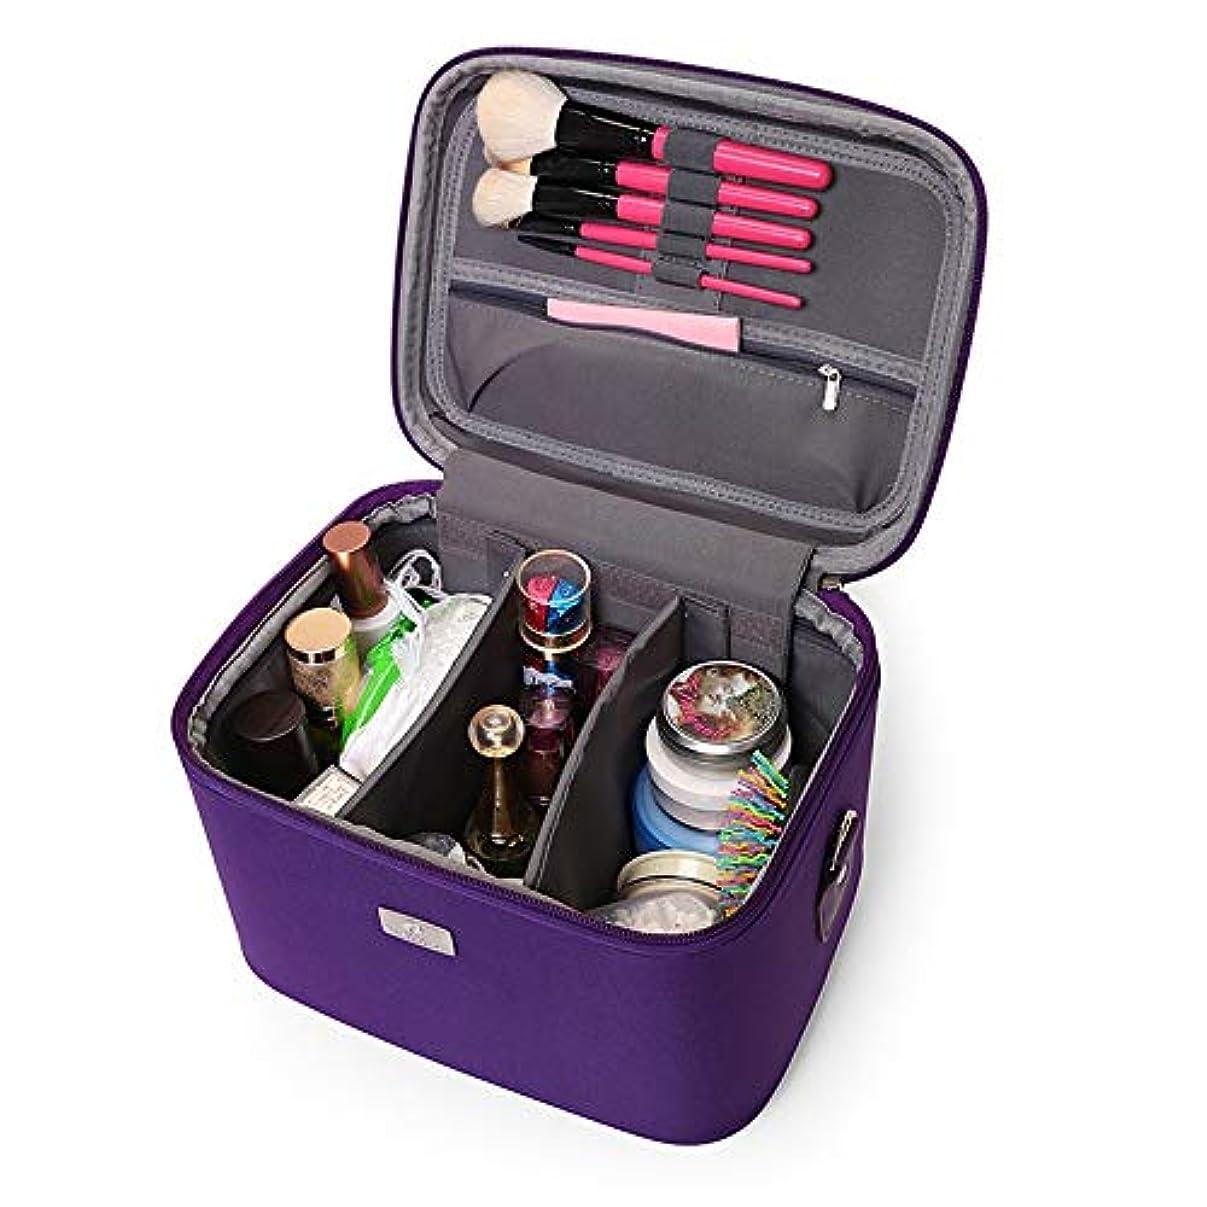 狼ぬれた厳密に化粧オーガナイザーバッグ 14インチのメイクアップトラベルバッグPUレター防水化粧ケースのティーン女の子の女性アーティスト 化粧品ケース (色 : 紫の)